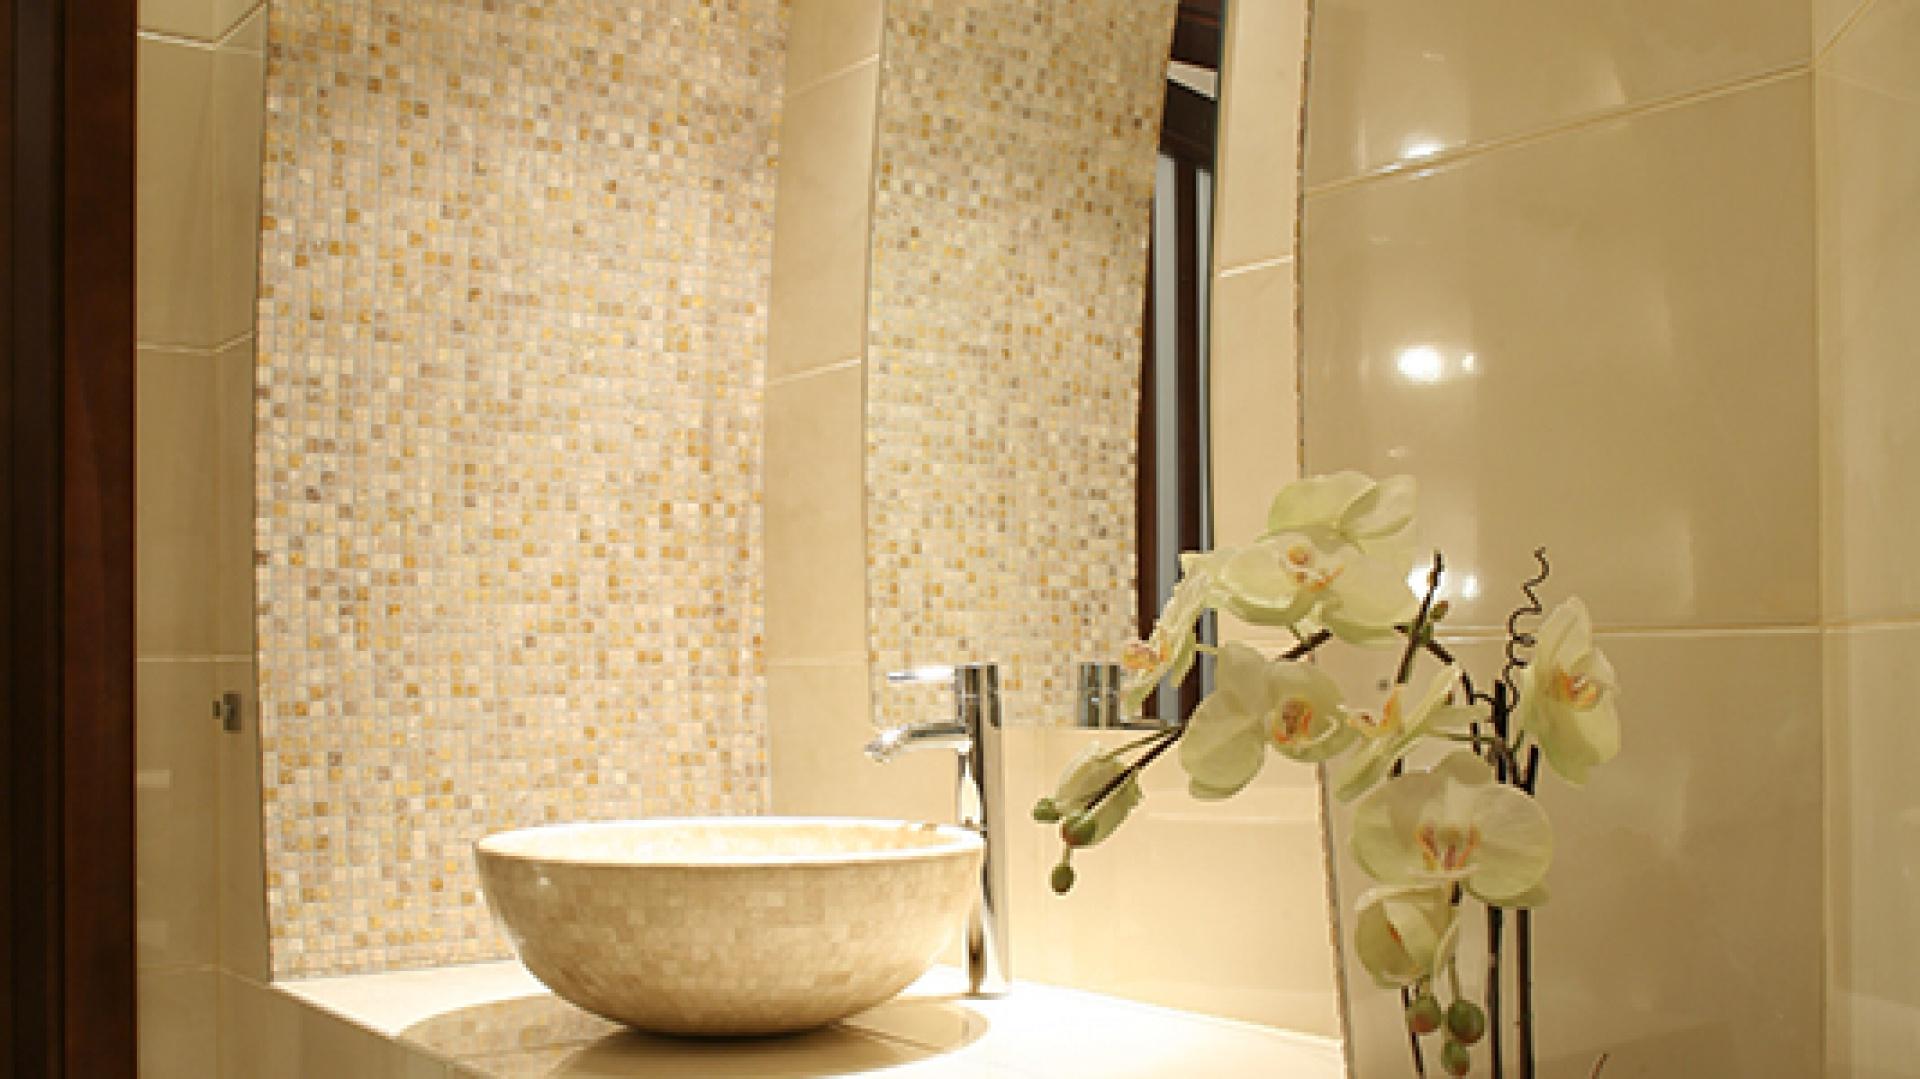 Umywalka i mozaika pochodzą z katalogu hiszpańskiej firmy Dune. Wykonane są z trawertynu. Fantazyjny blat umywalkowy ma wymodelowane miejsce na kwiaty. Fot. Bartosz Jarosz.